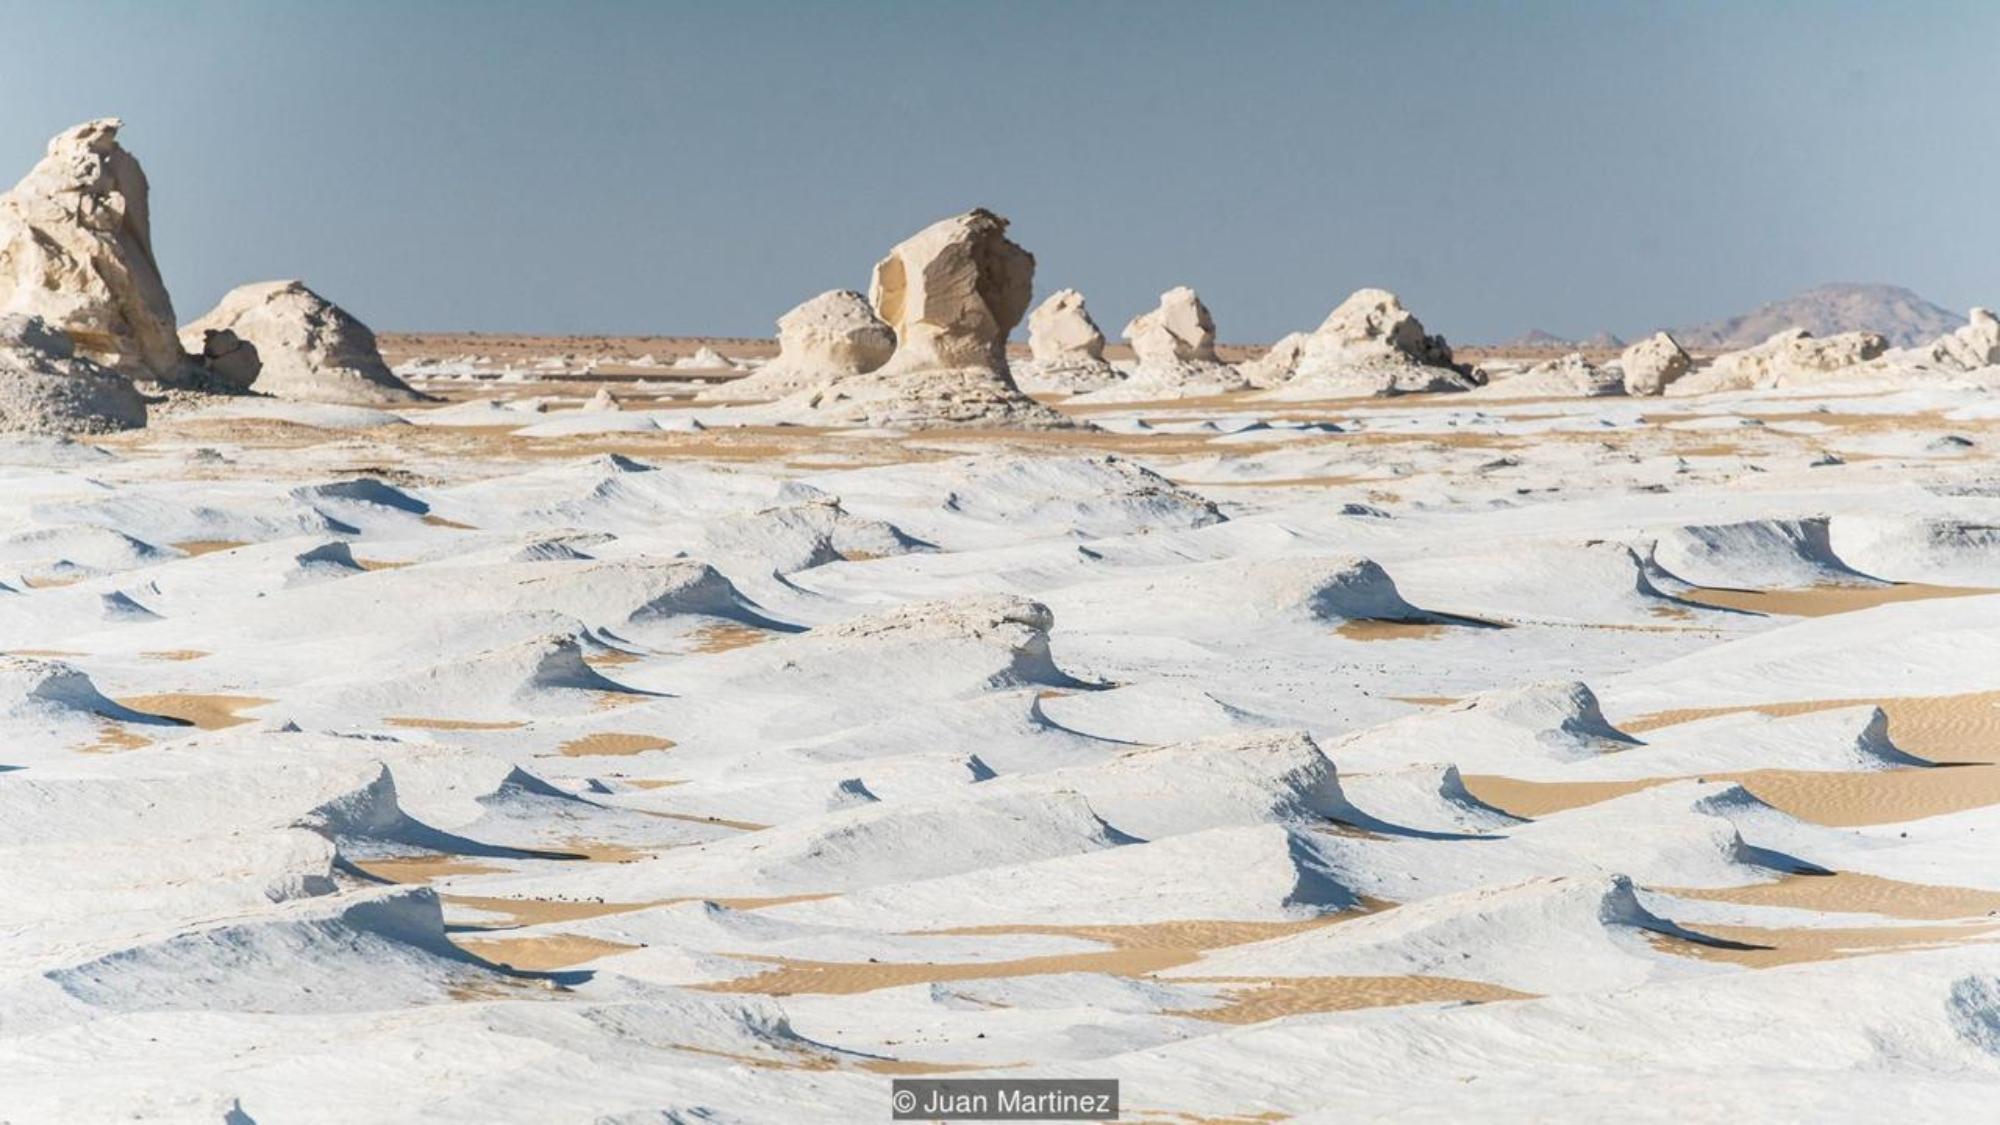 白色沙漠位於黑色沙漠西南約126公里處,是迄今為止西部沙漠最不尋常的自然景點。廣闊的蘑菇狀形狀和白色石灰石製成的海浪是自然奇觀,即使是最有經驗的旅行者也能驚嘆。  在三千萬年前的冰河時代之後,一次構造隆升形成了這些類似粉筆的露頭,自那時以來,無數的沙塵暴一直在塑造它們的形狀。(來源:胡安·馬丁內斯)